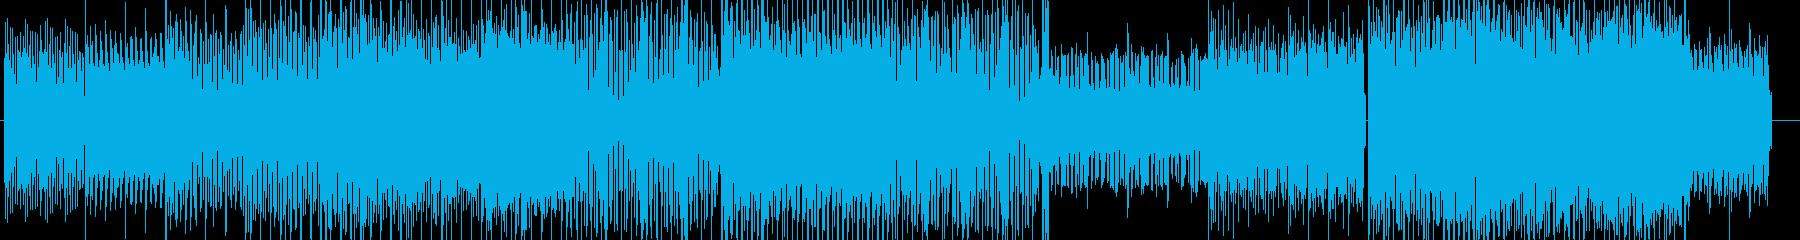 コミカルでスタイリッシュダンスインスト曲の再生済みの波形